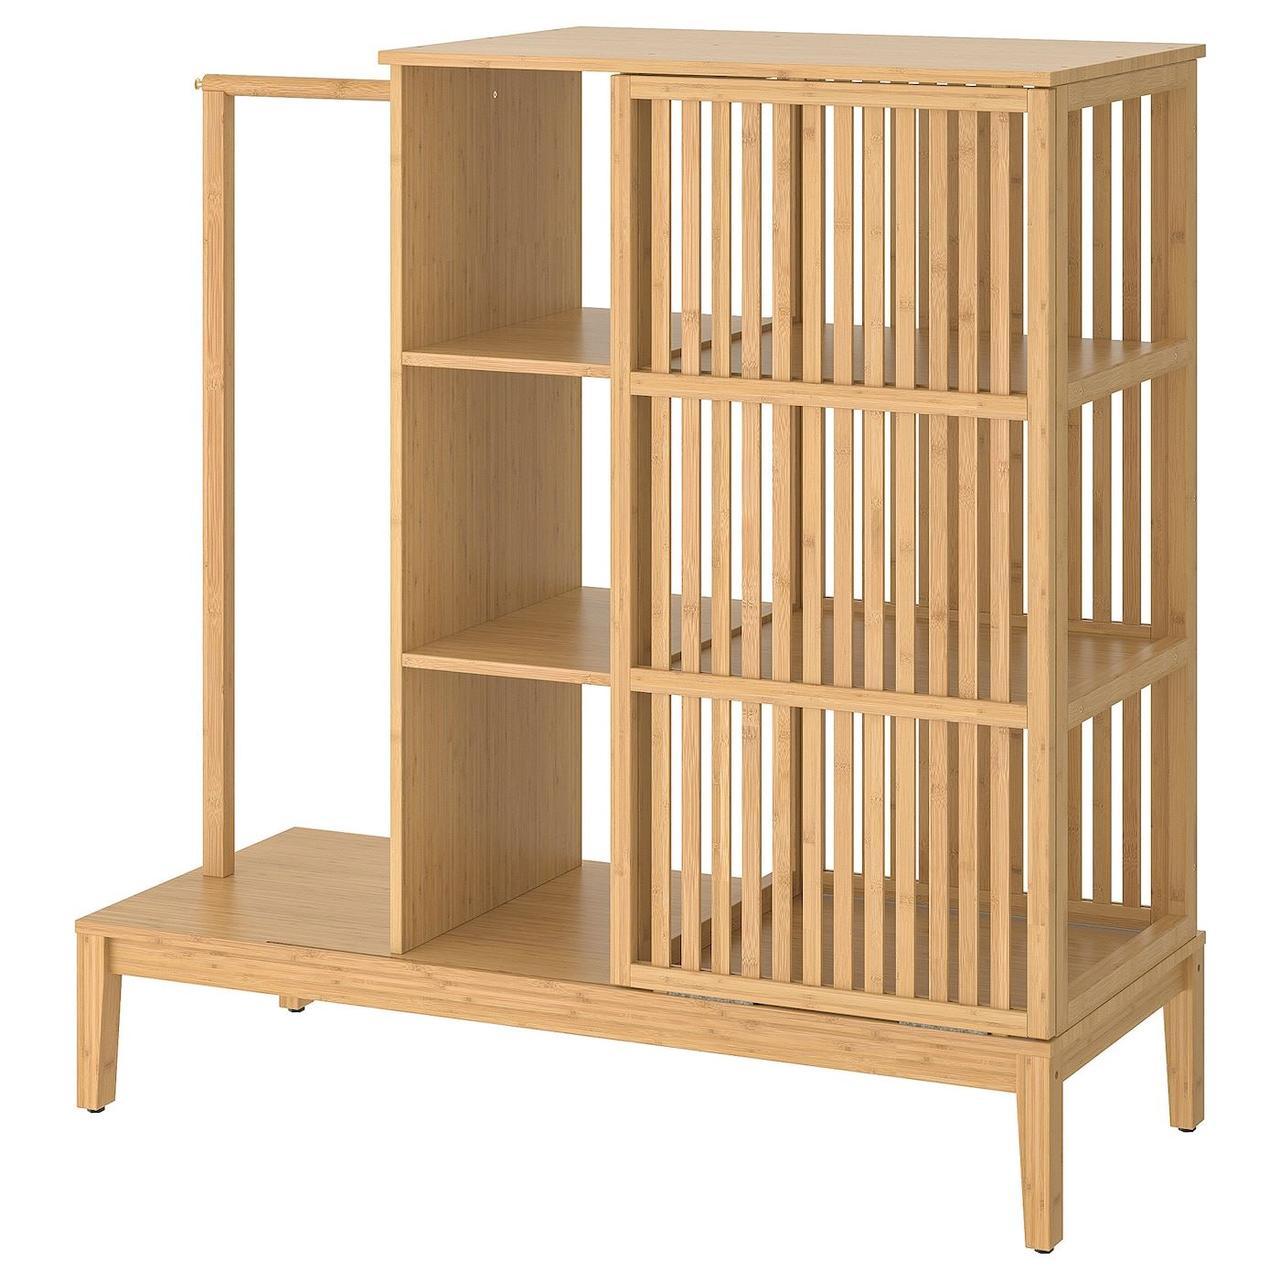 Открытый шкаф с раздвижными дверями IKEA NORDKISA бамбук 120x123 см 304.394.76